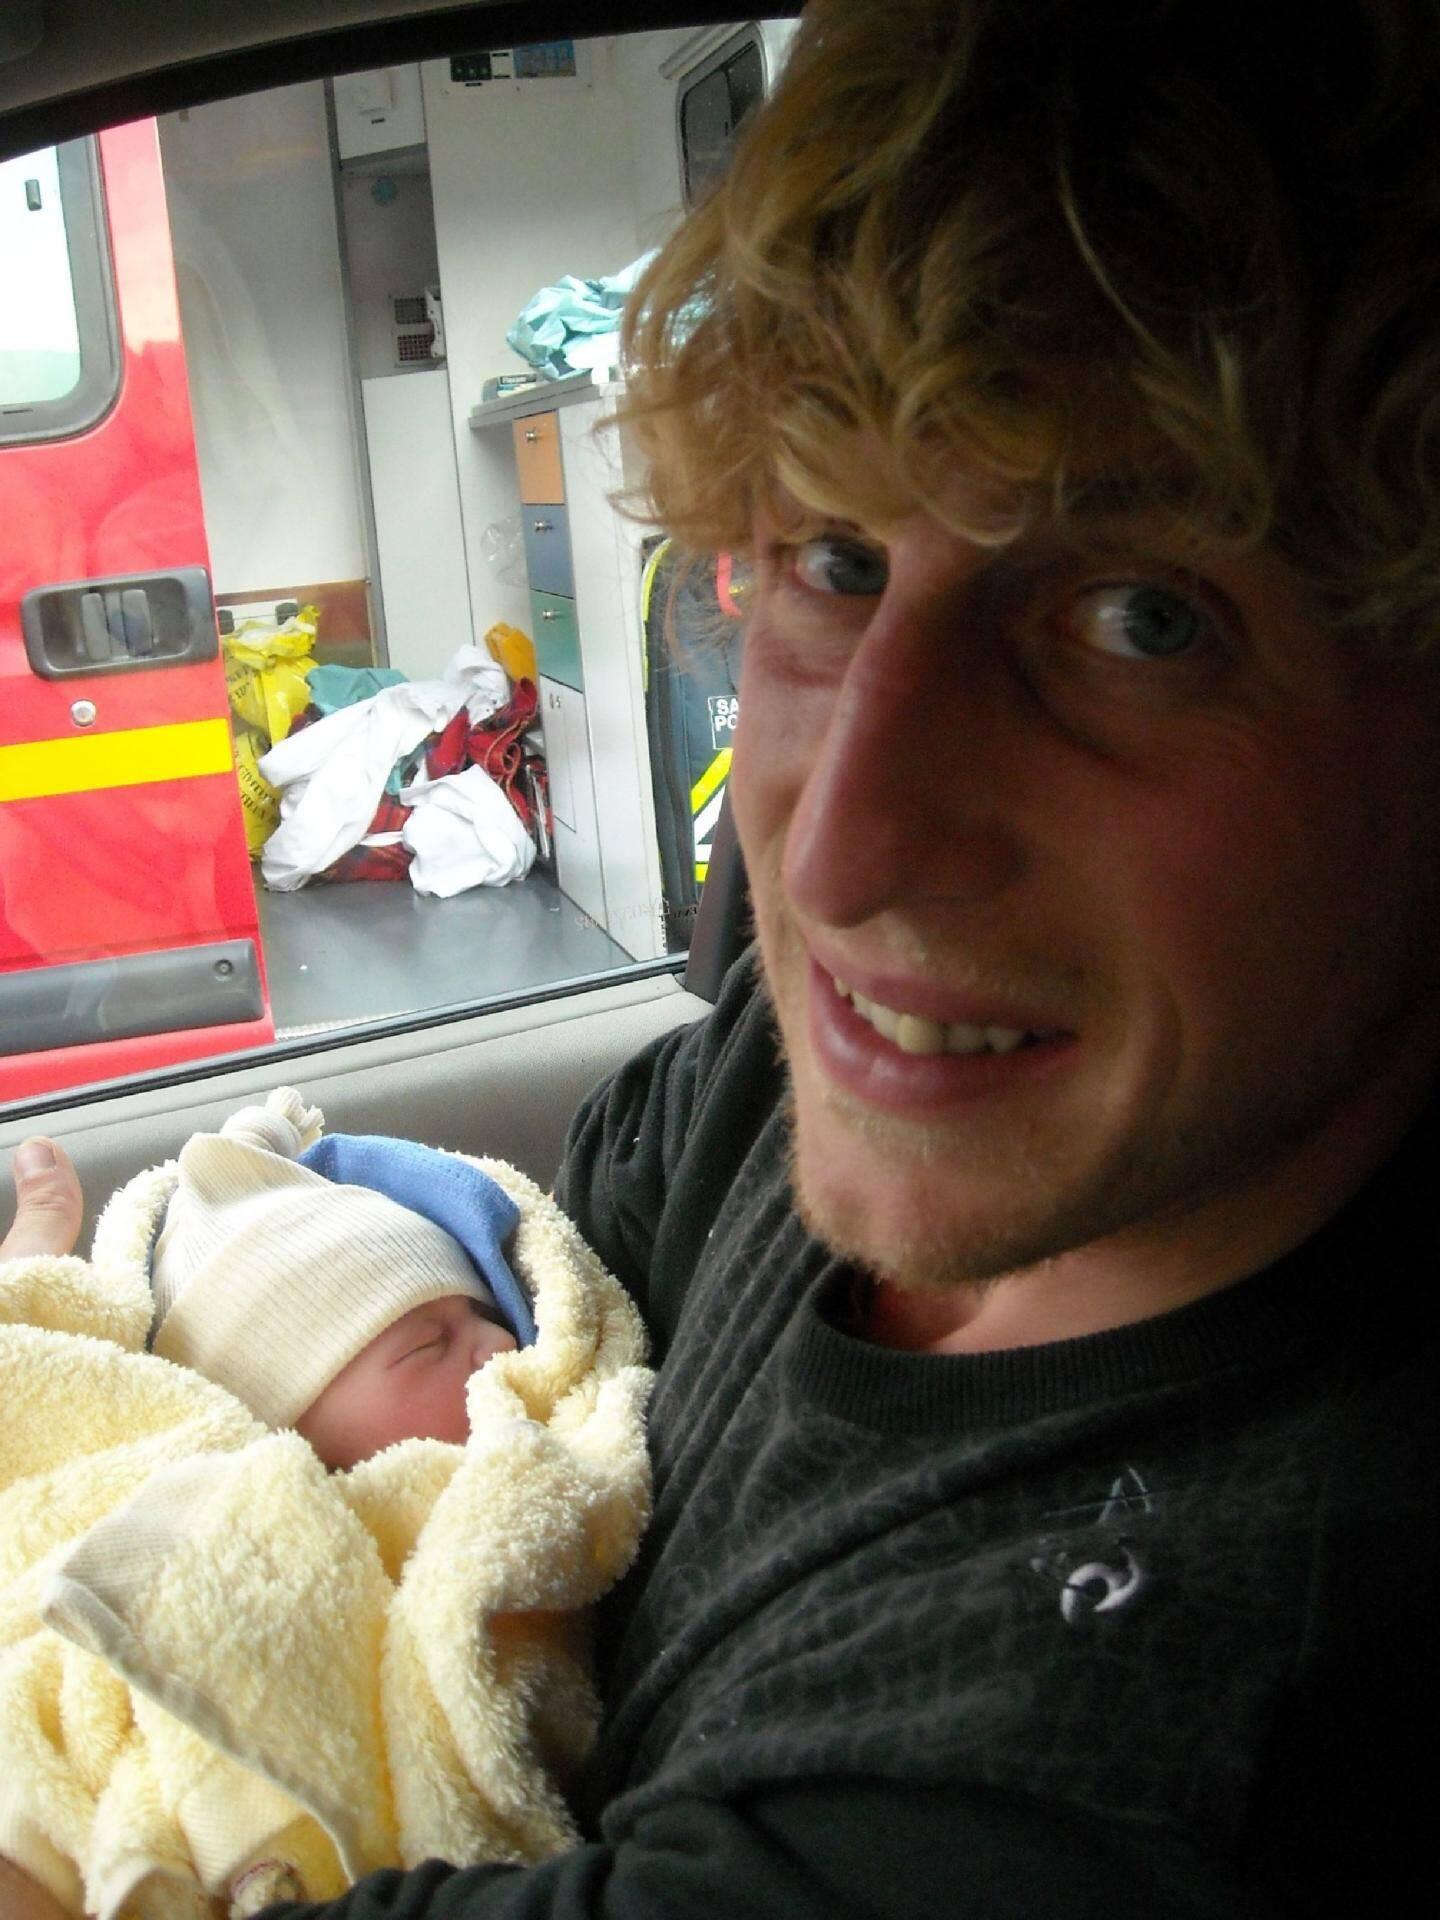 La petite Jeanne est née hier, vers 15 h, au domicile de ses parents, à Tende. (Photos Sophie Forestier)